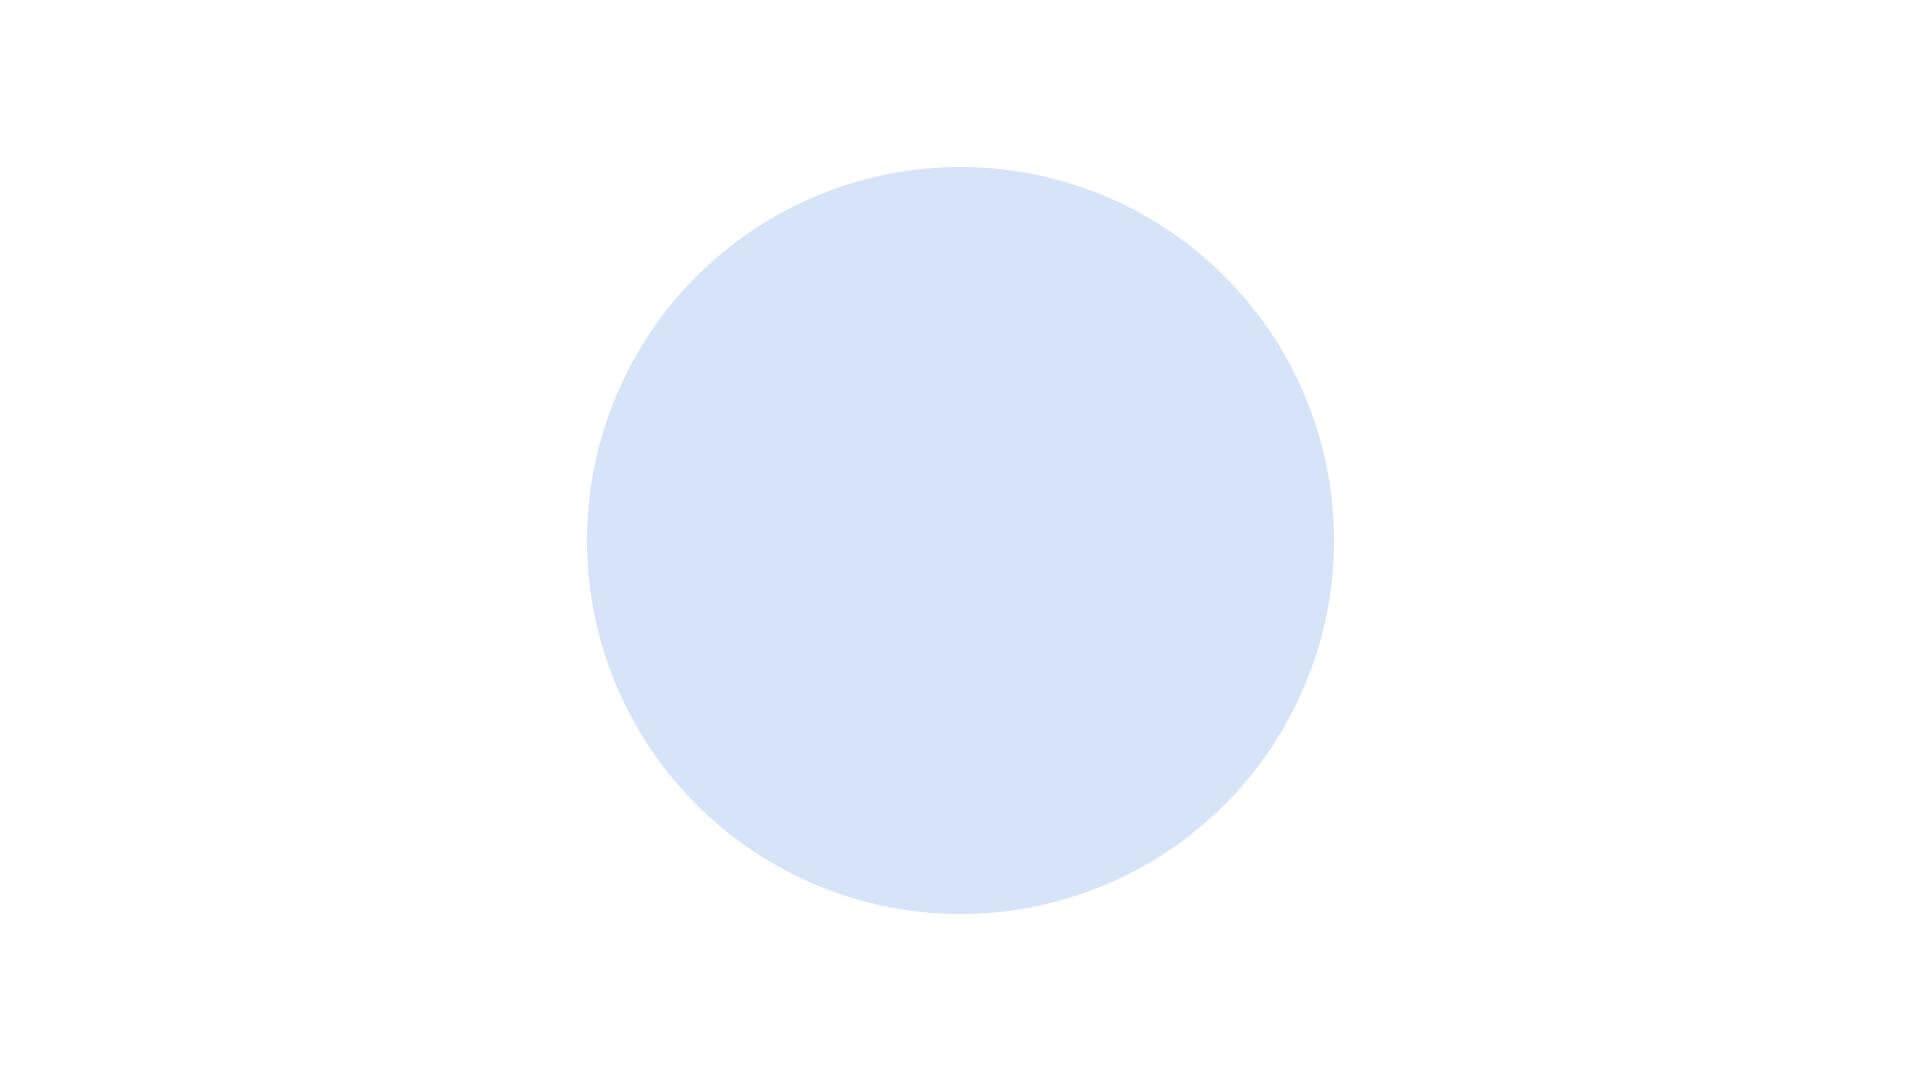 Minimalismus - ein schlichter, blauer Punkt